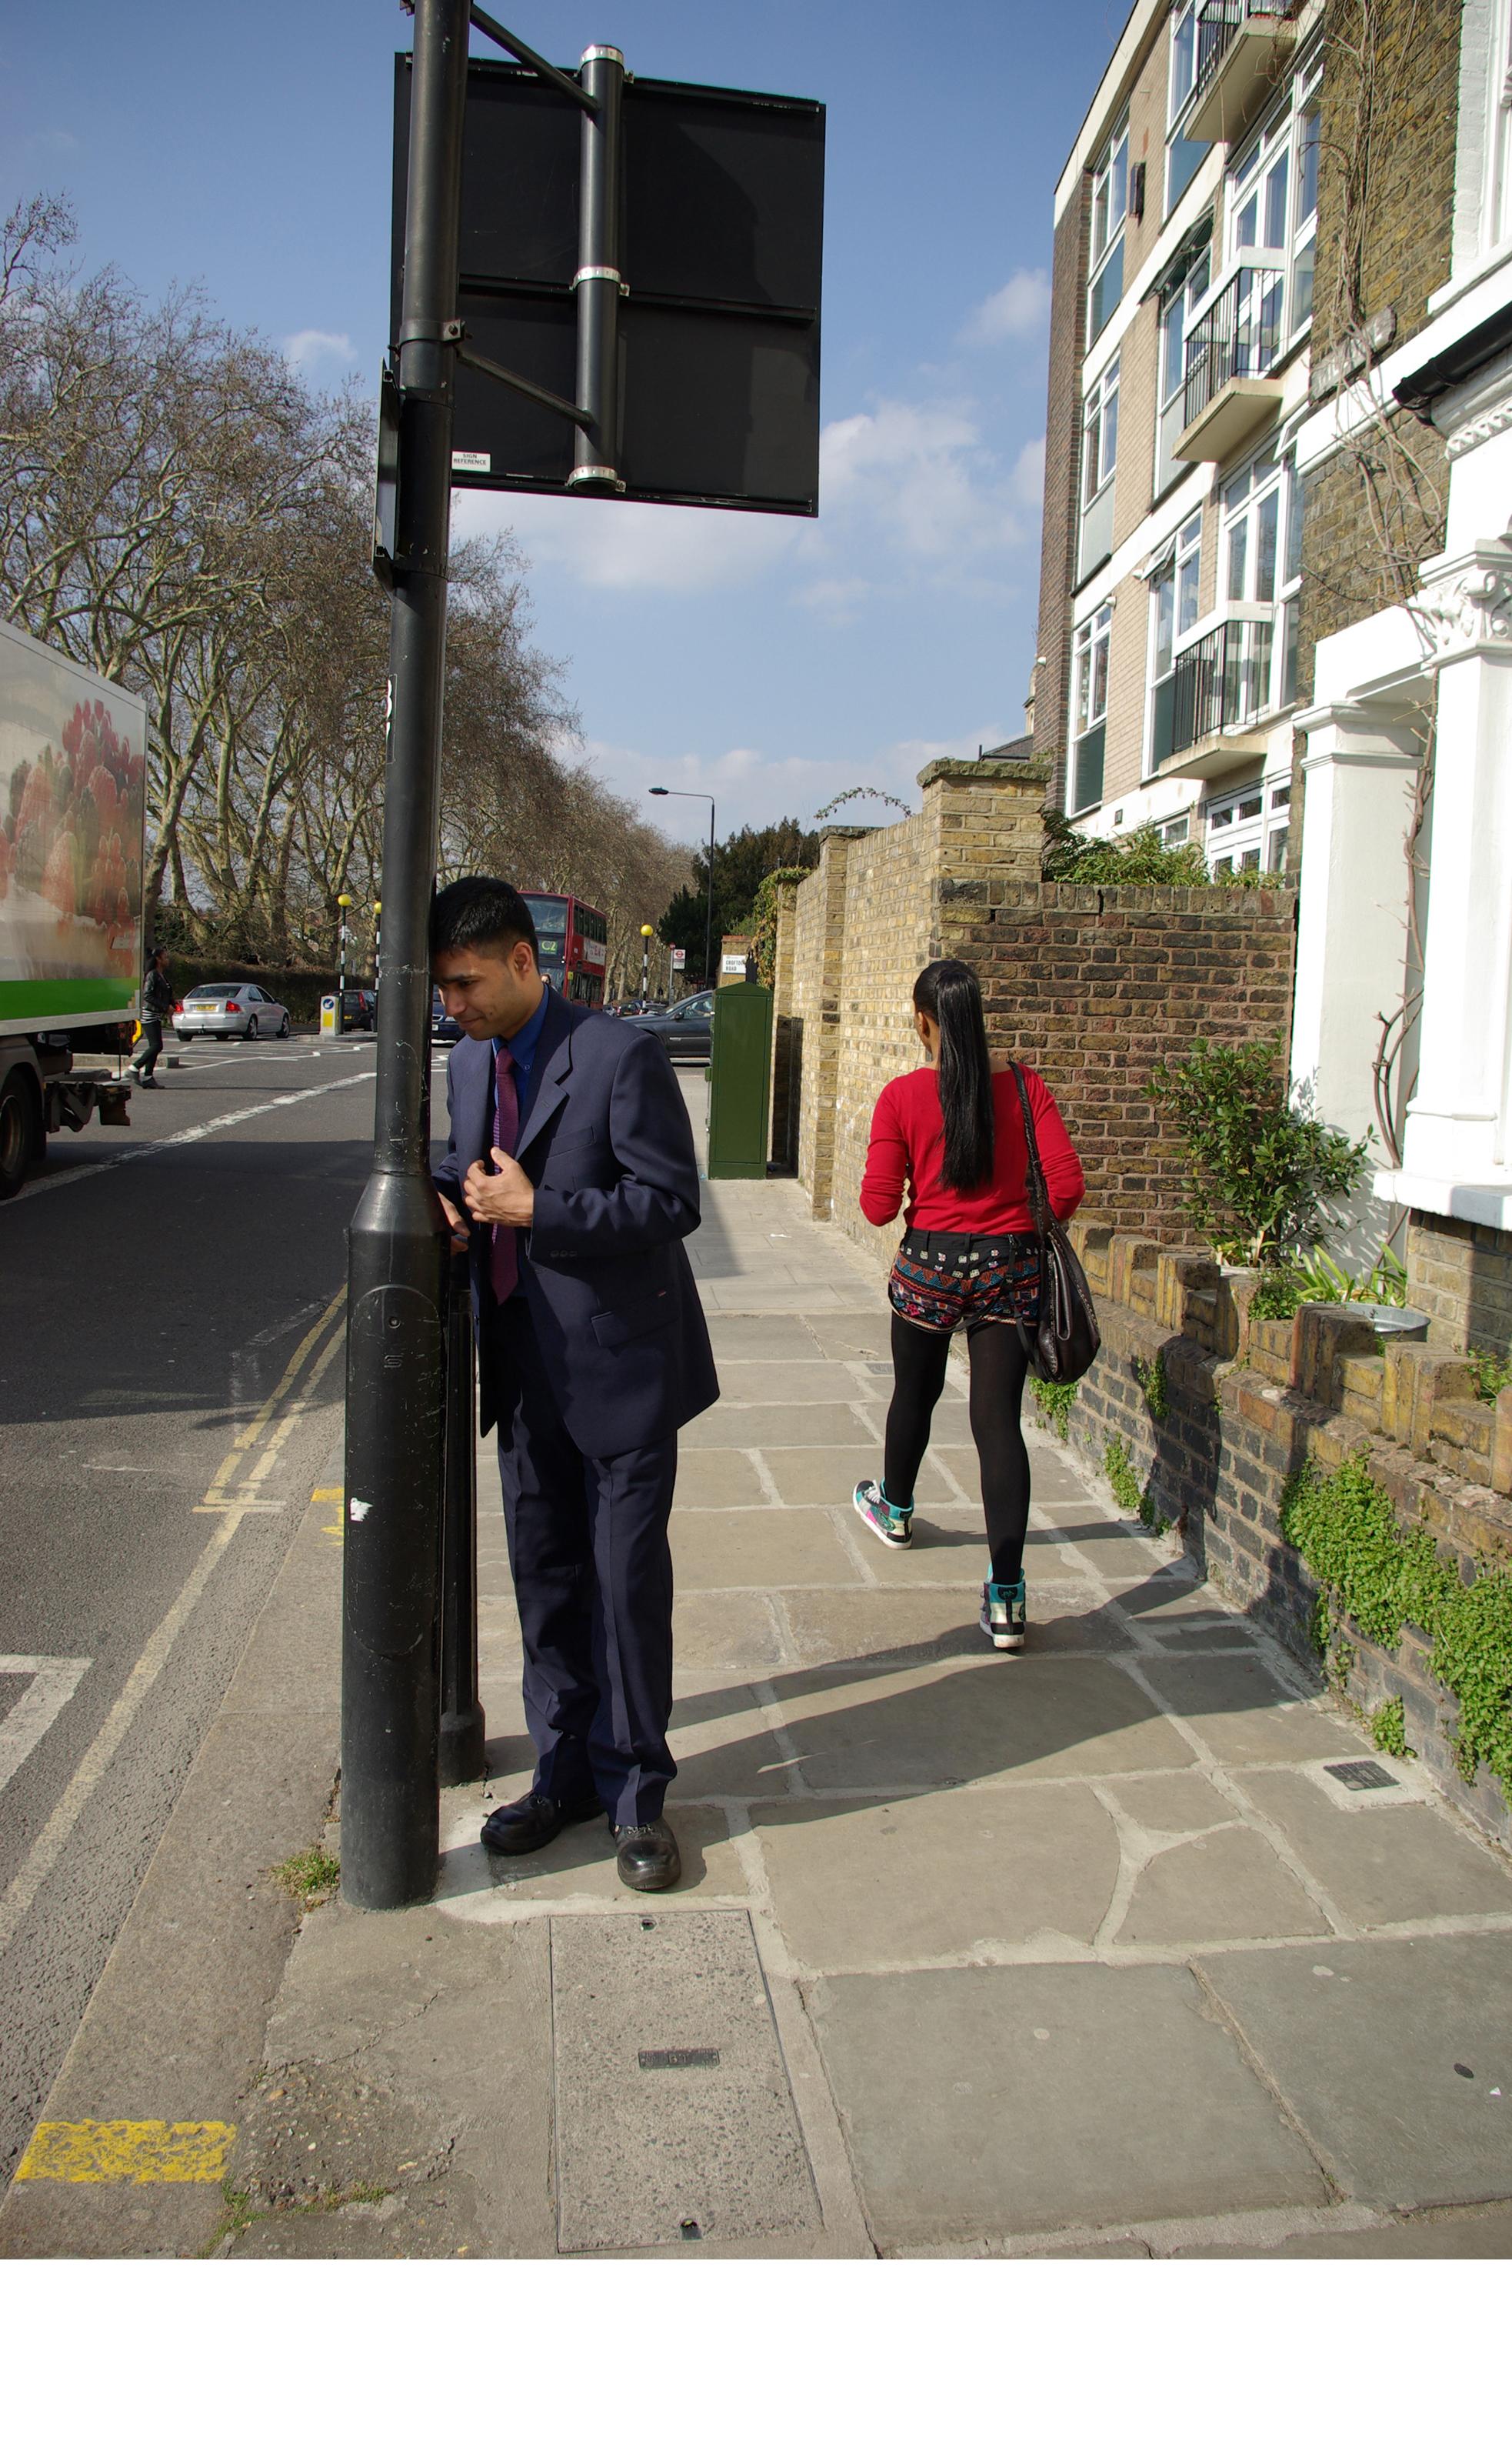 3 - Lamp Post 2013, London UK, C Print